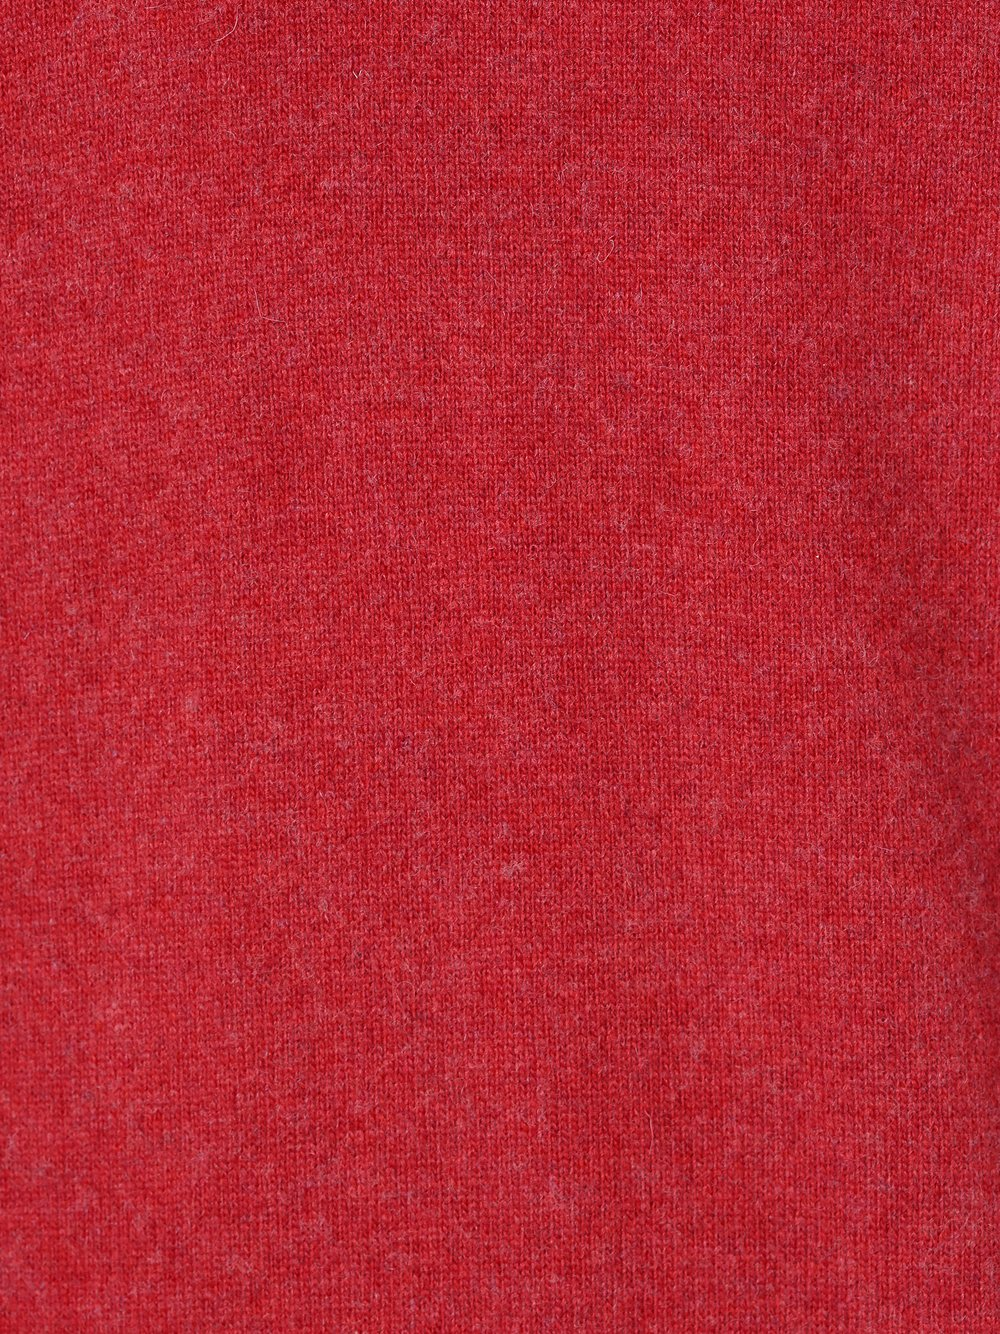 1ad80b024805be Andrew James Herren Pullover mit Cashmere-Anteil online kaufen ...